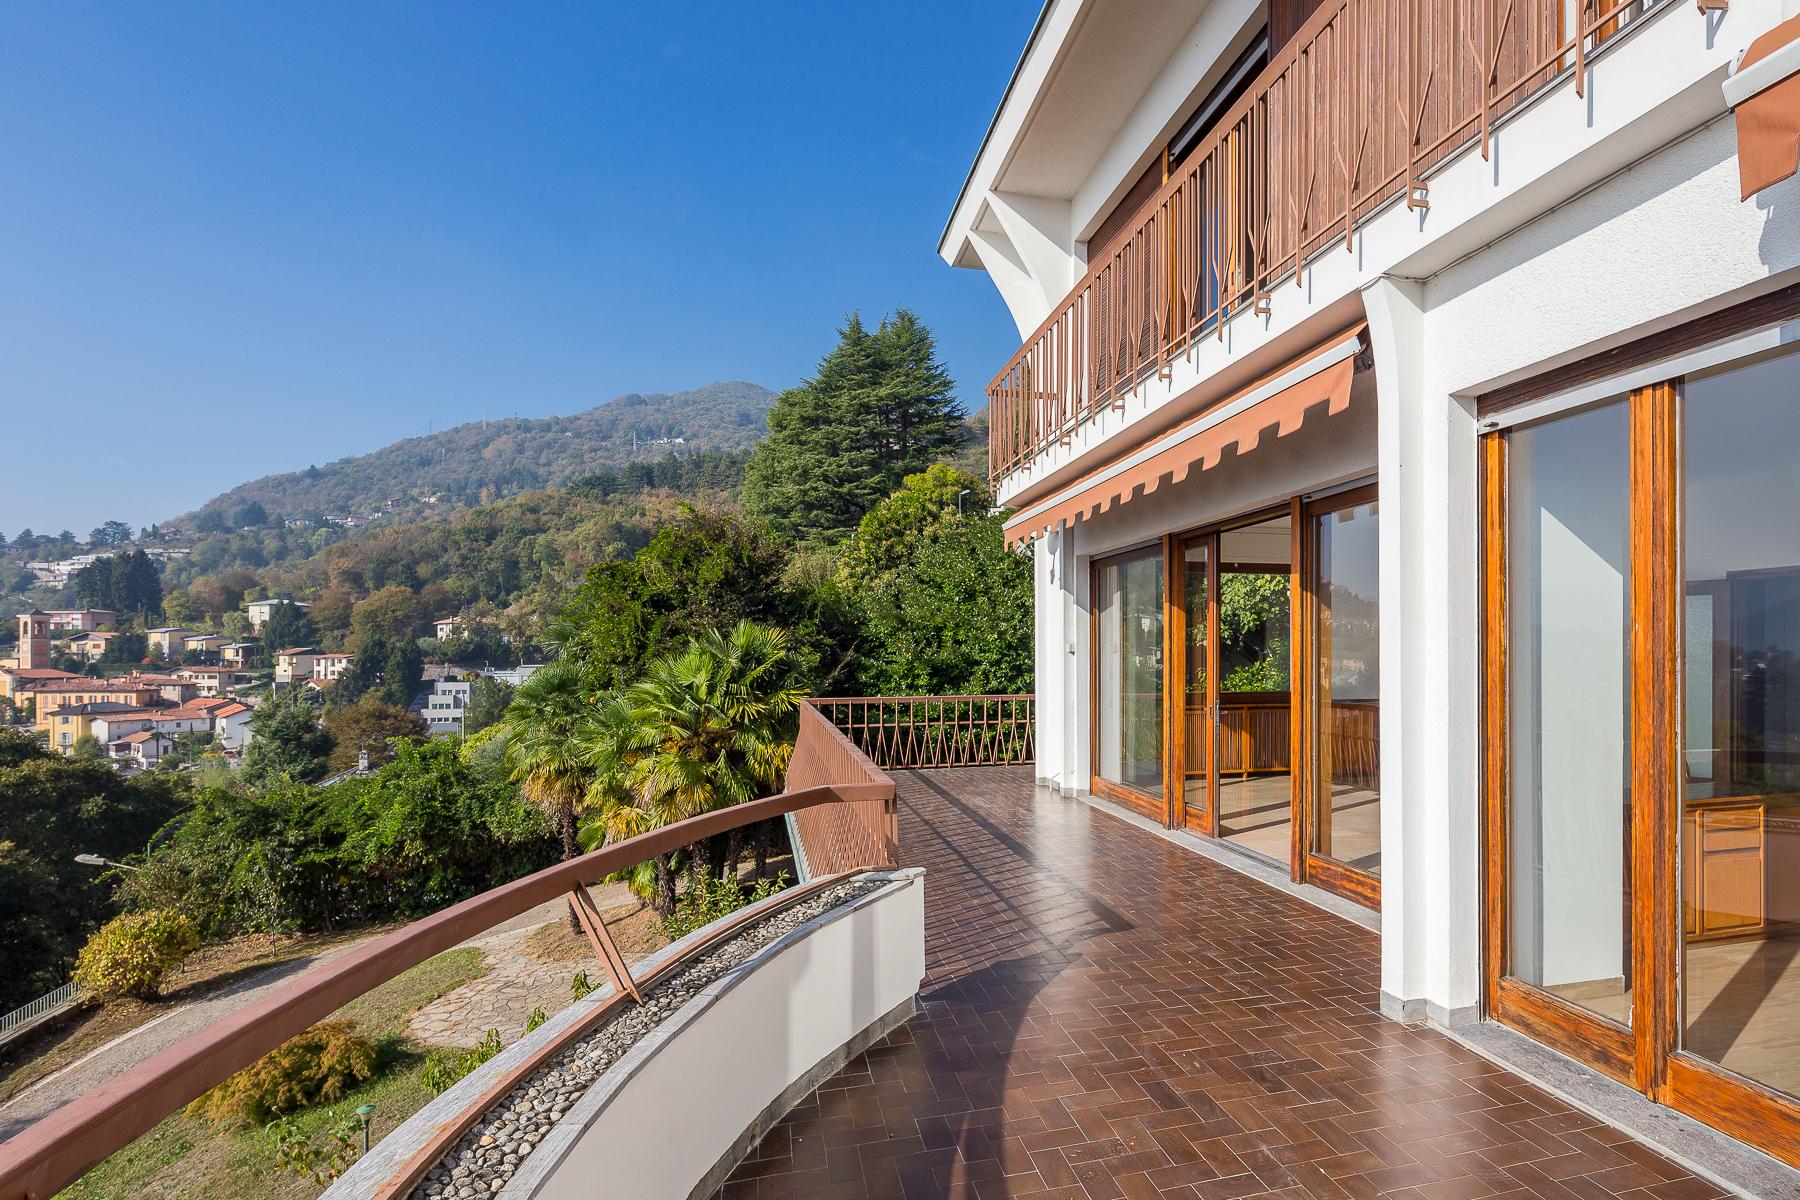 Villa in Vendita a Cernobbio via xxiv maggio